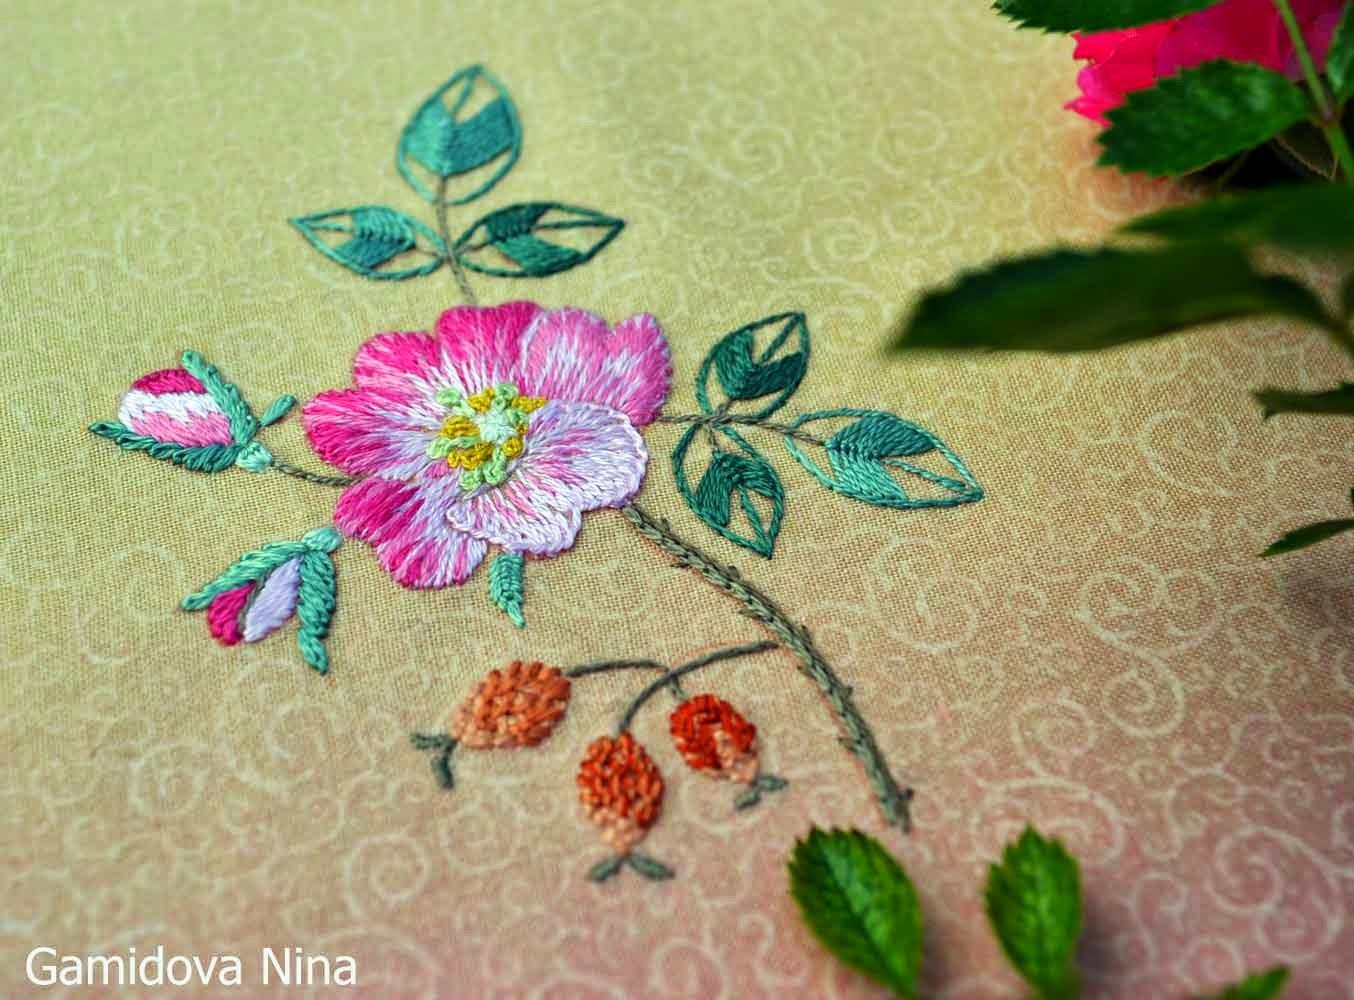 Вышивка декоративными швами. Вышивка по японским дизайнам.